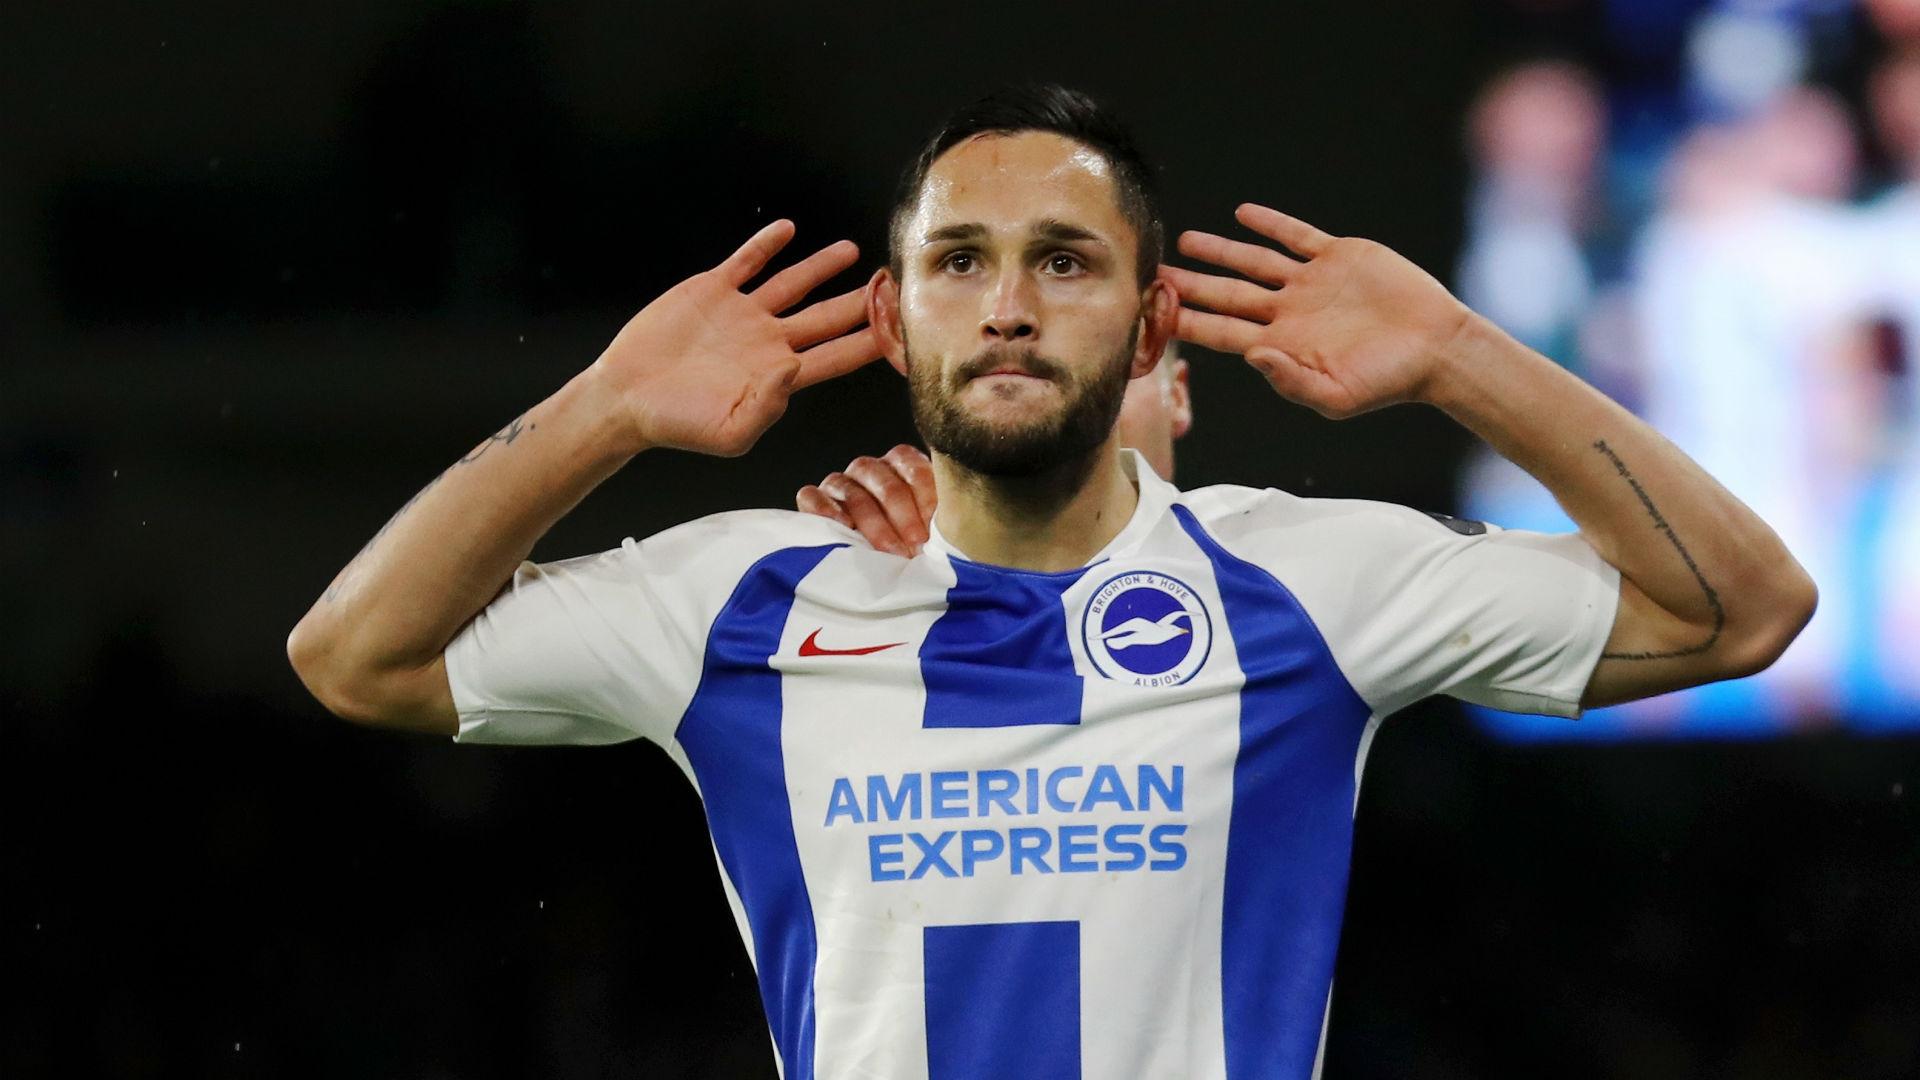 Șansele lui Andone de a juca la Brighton sunt minime după ce și-a jignit clubul. Sursă foto: goal.com